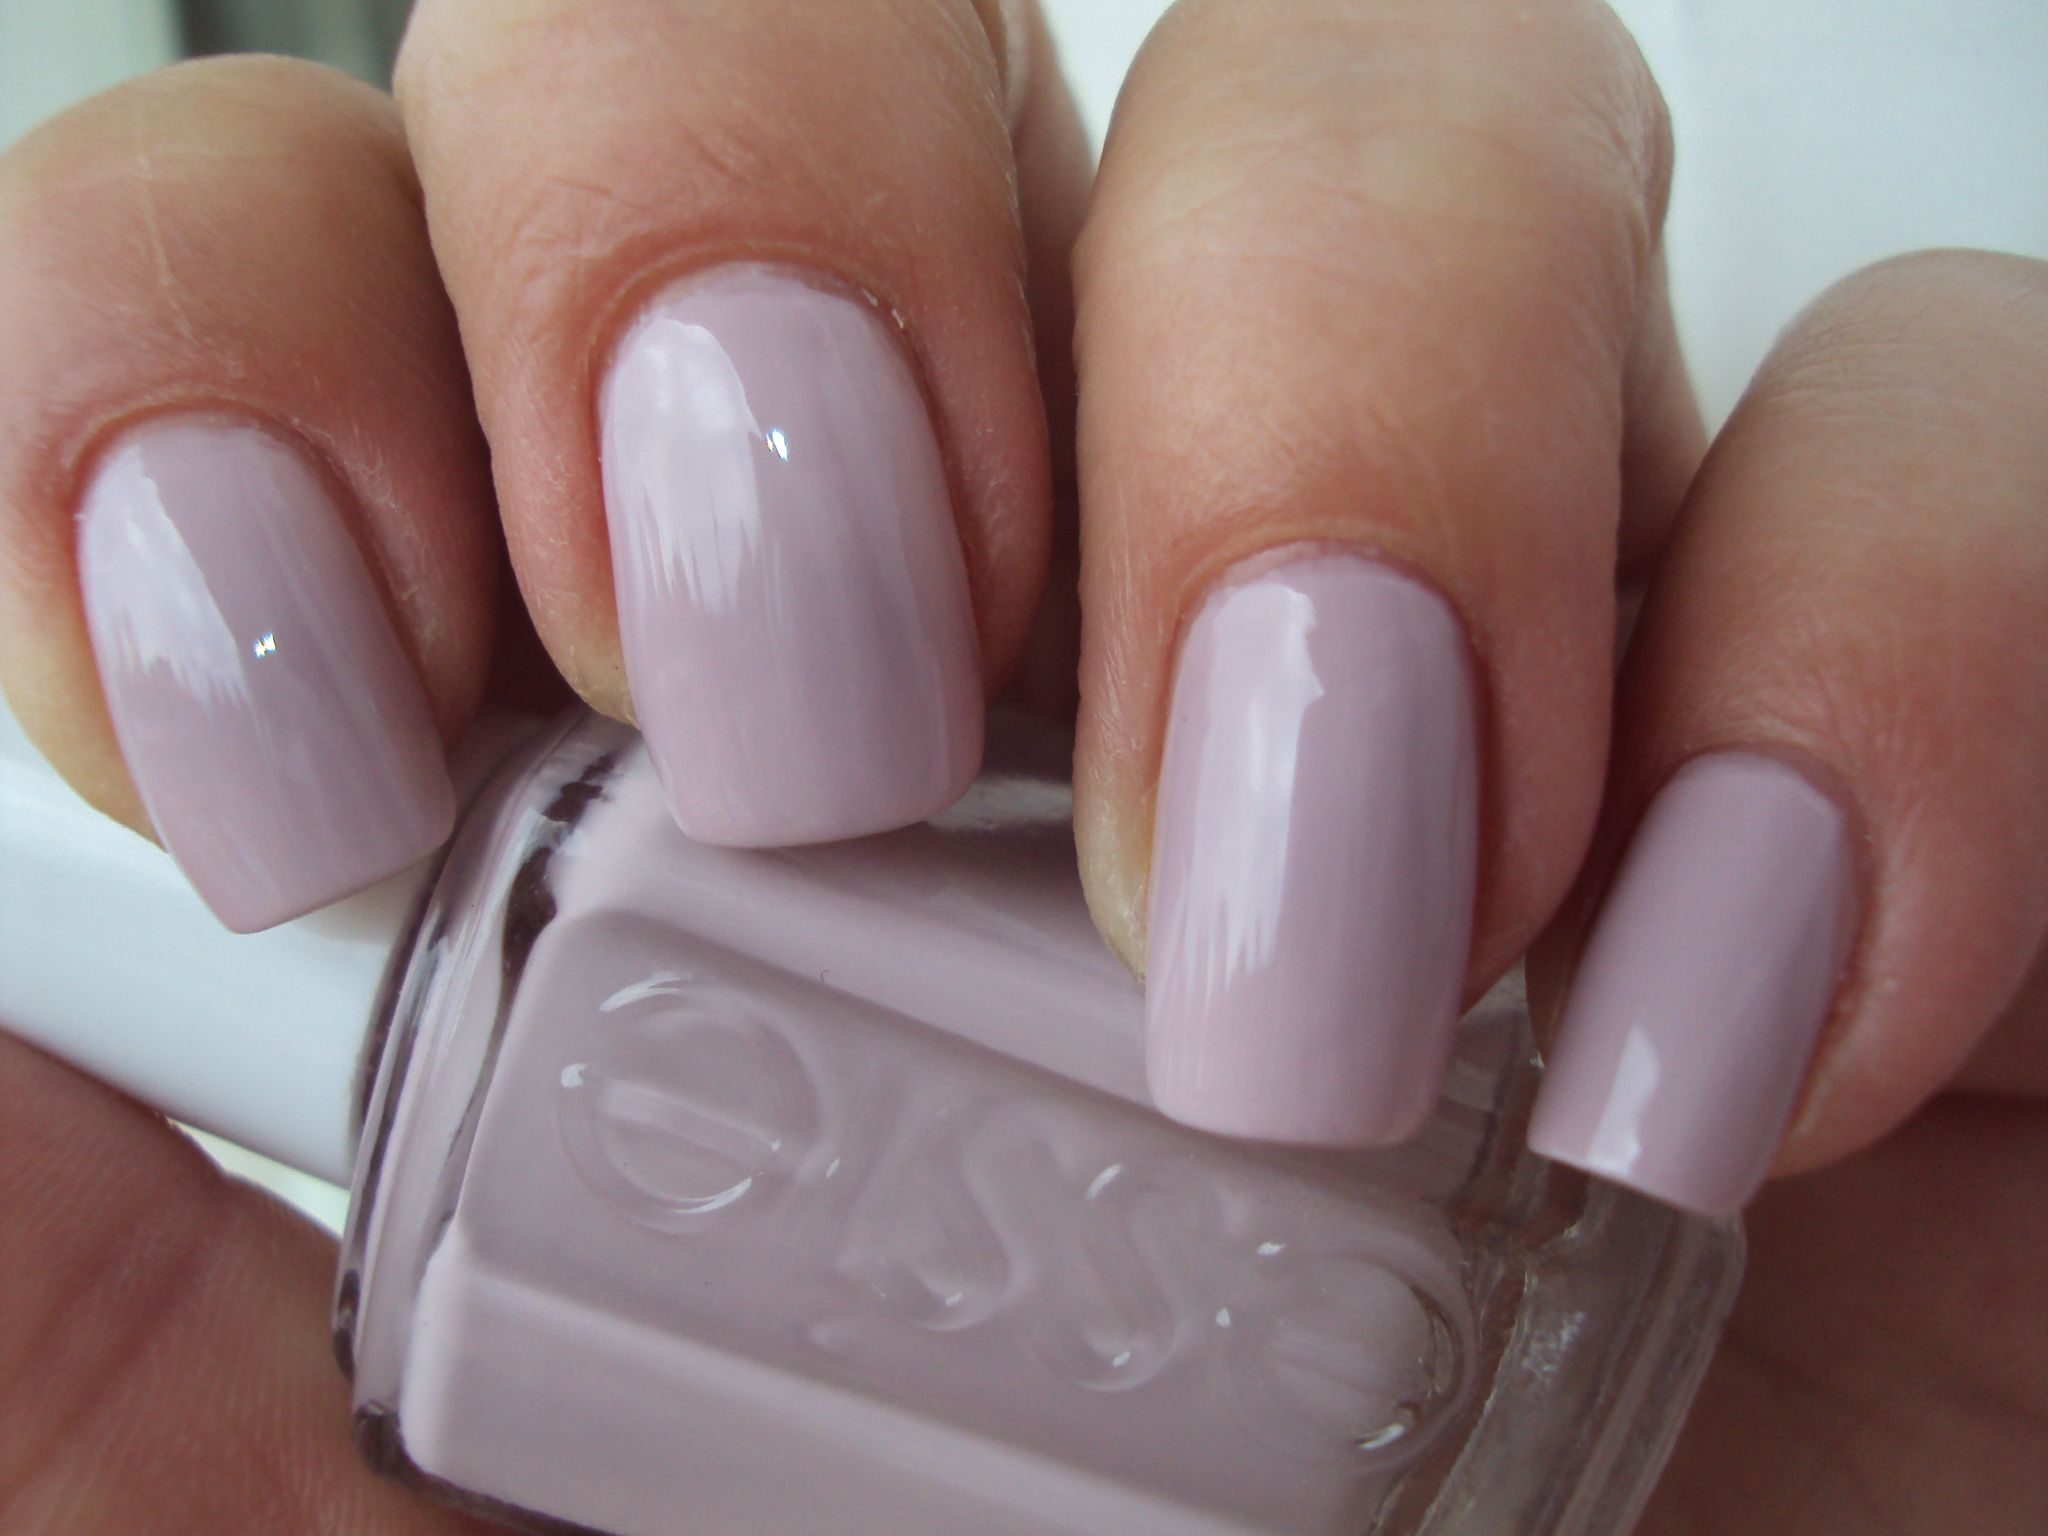 nail colors for spring 2014 | toe nail polish colors spring 2014 9 ...